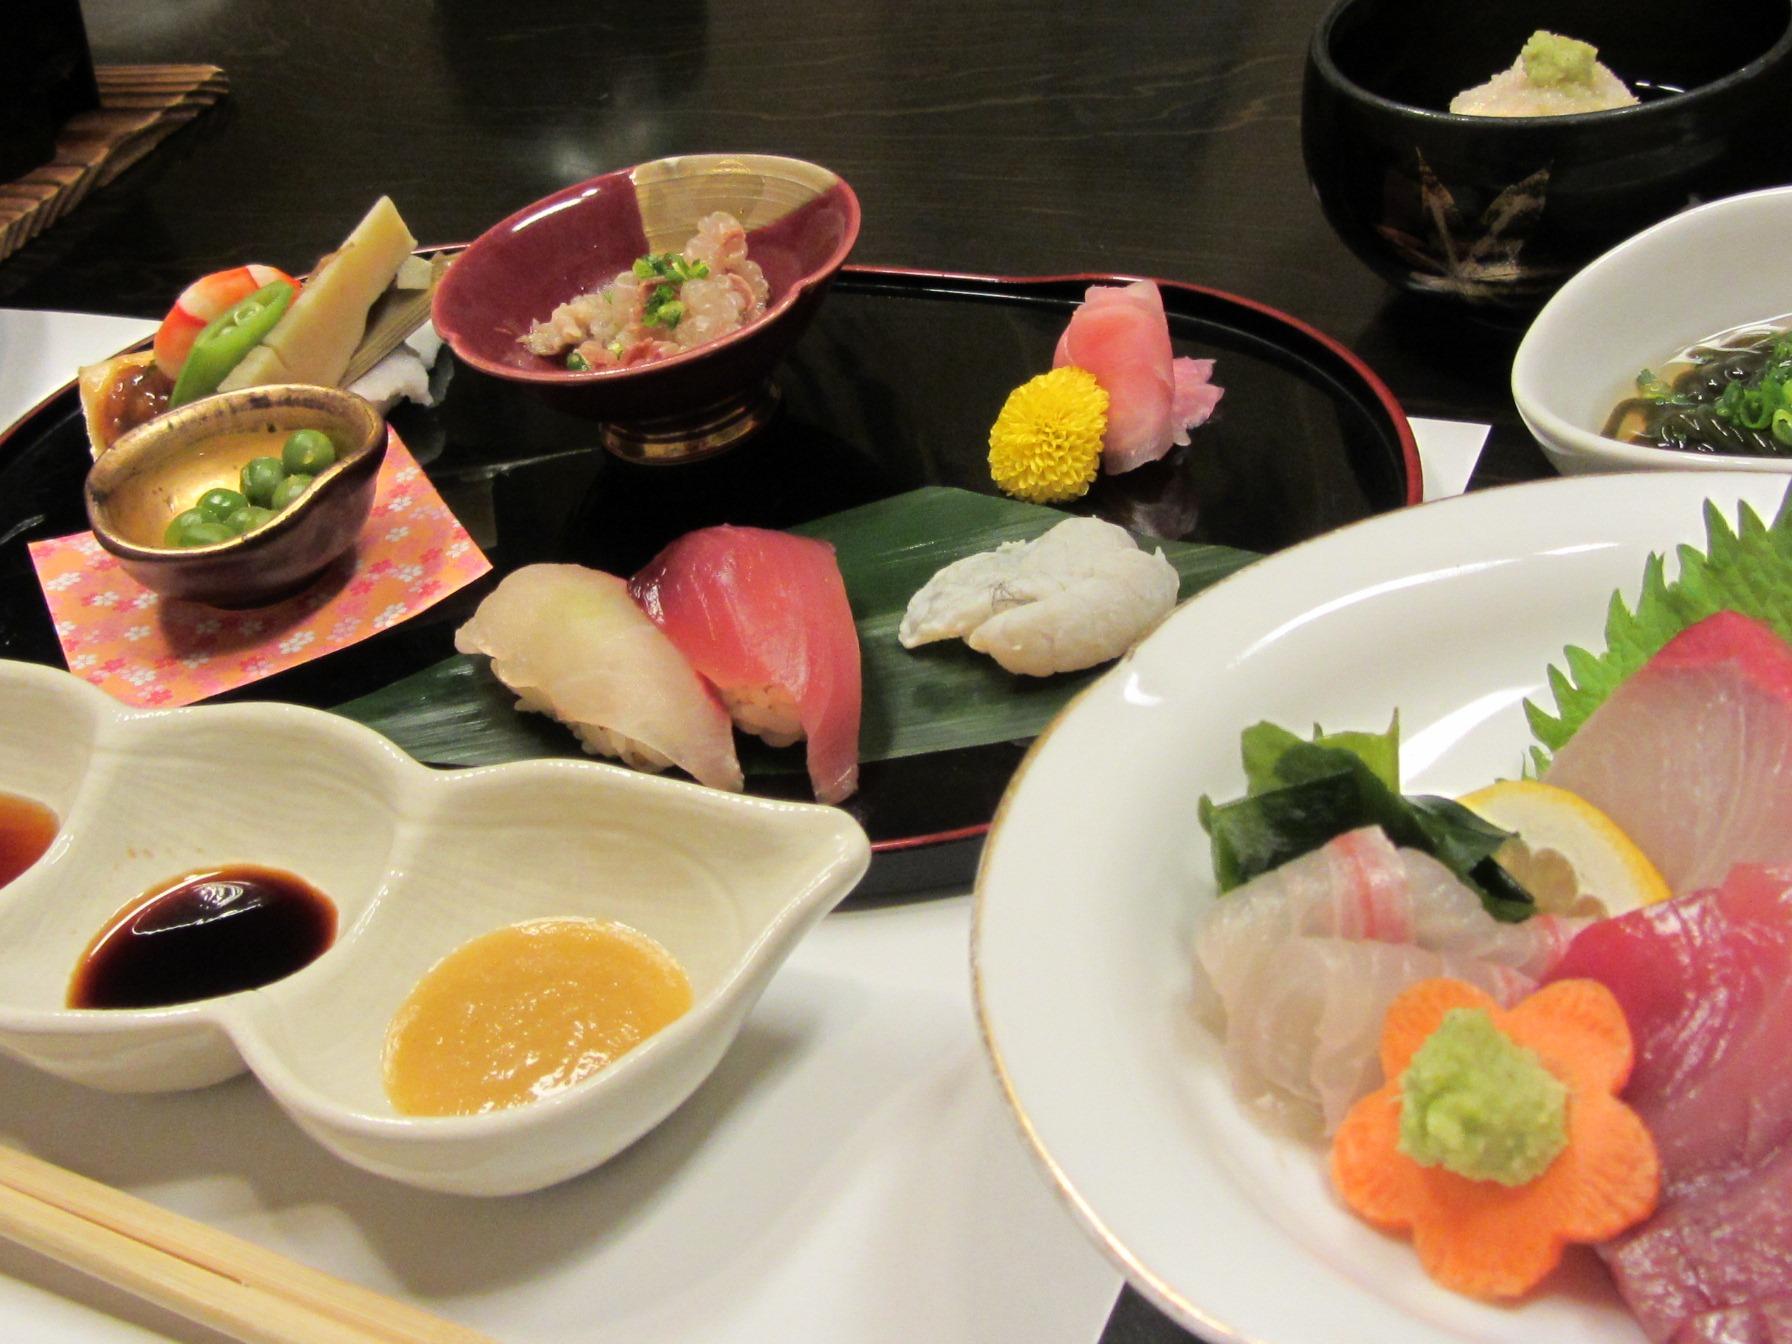 新興6市場の外国人が好きな日本食、1位「寿司・刺身」、ドバイではカレーが人気